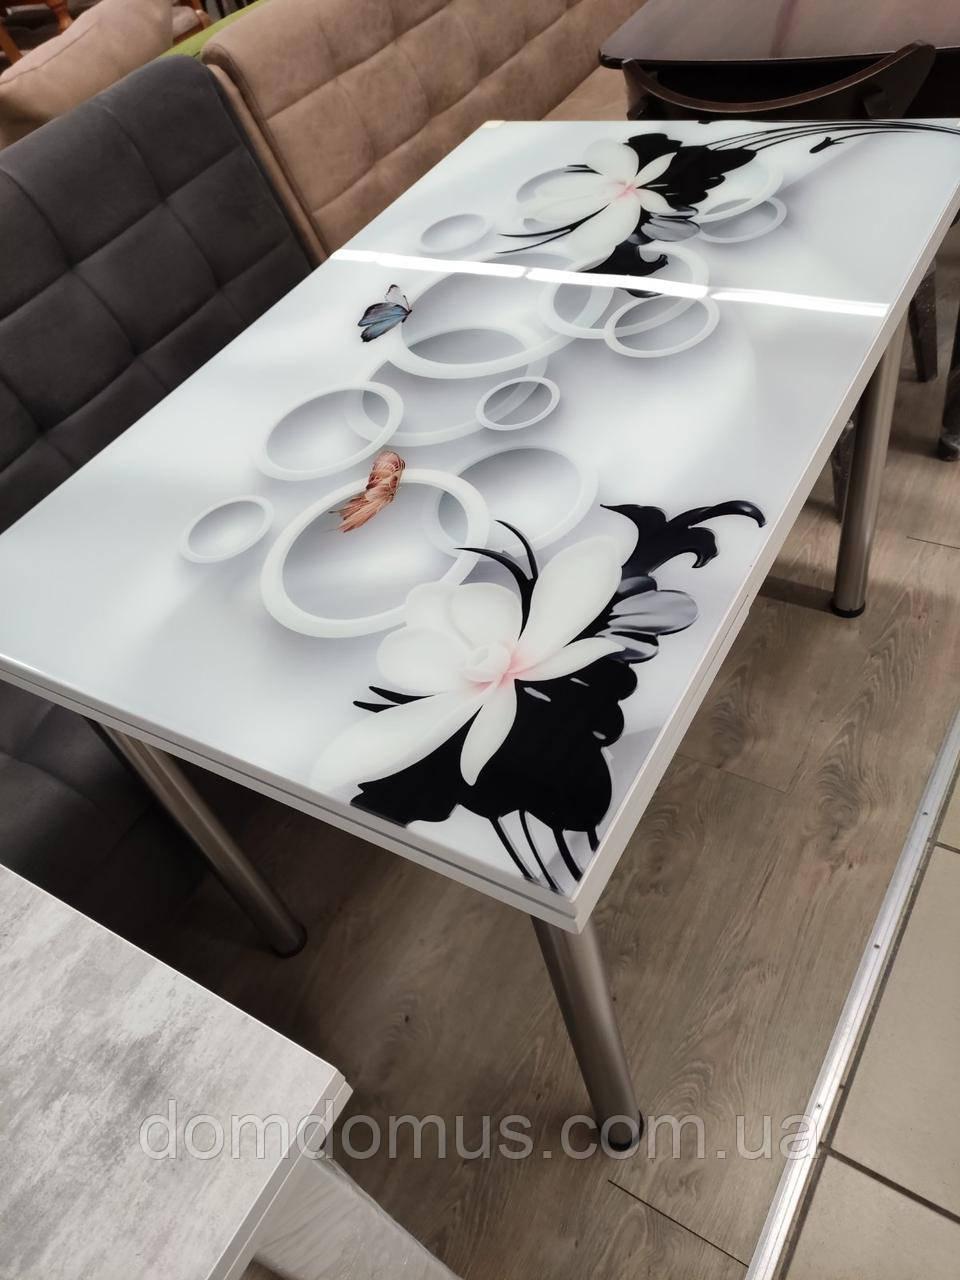 """СТОЛ стеклянный раскладной  """"Lilli"""" 110*70 см (стол ДСП, каленное стекло) Mobilgen, Турция"""